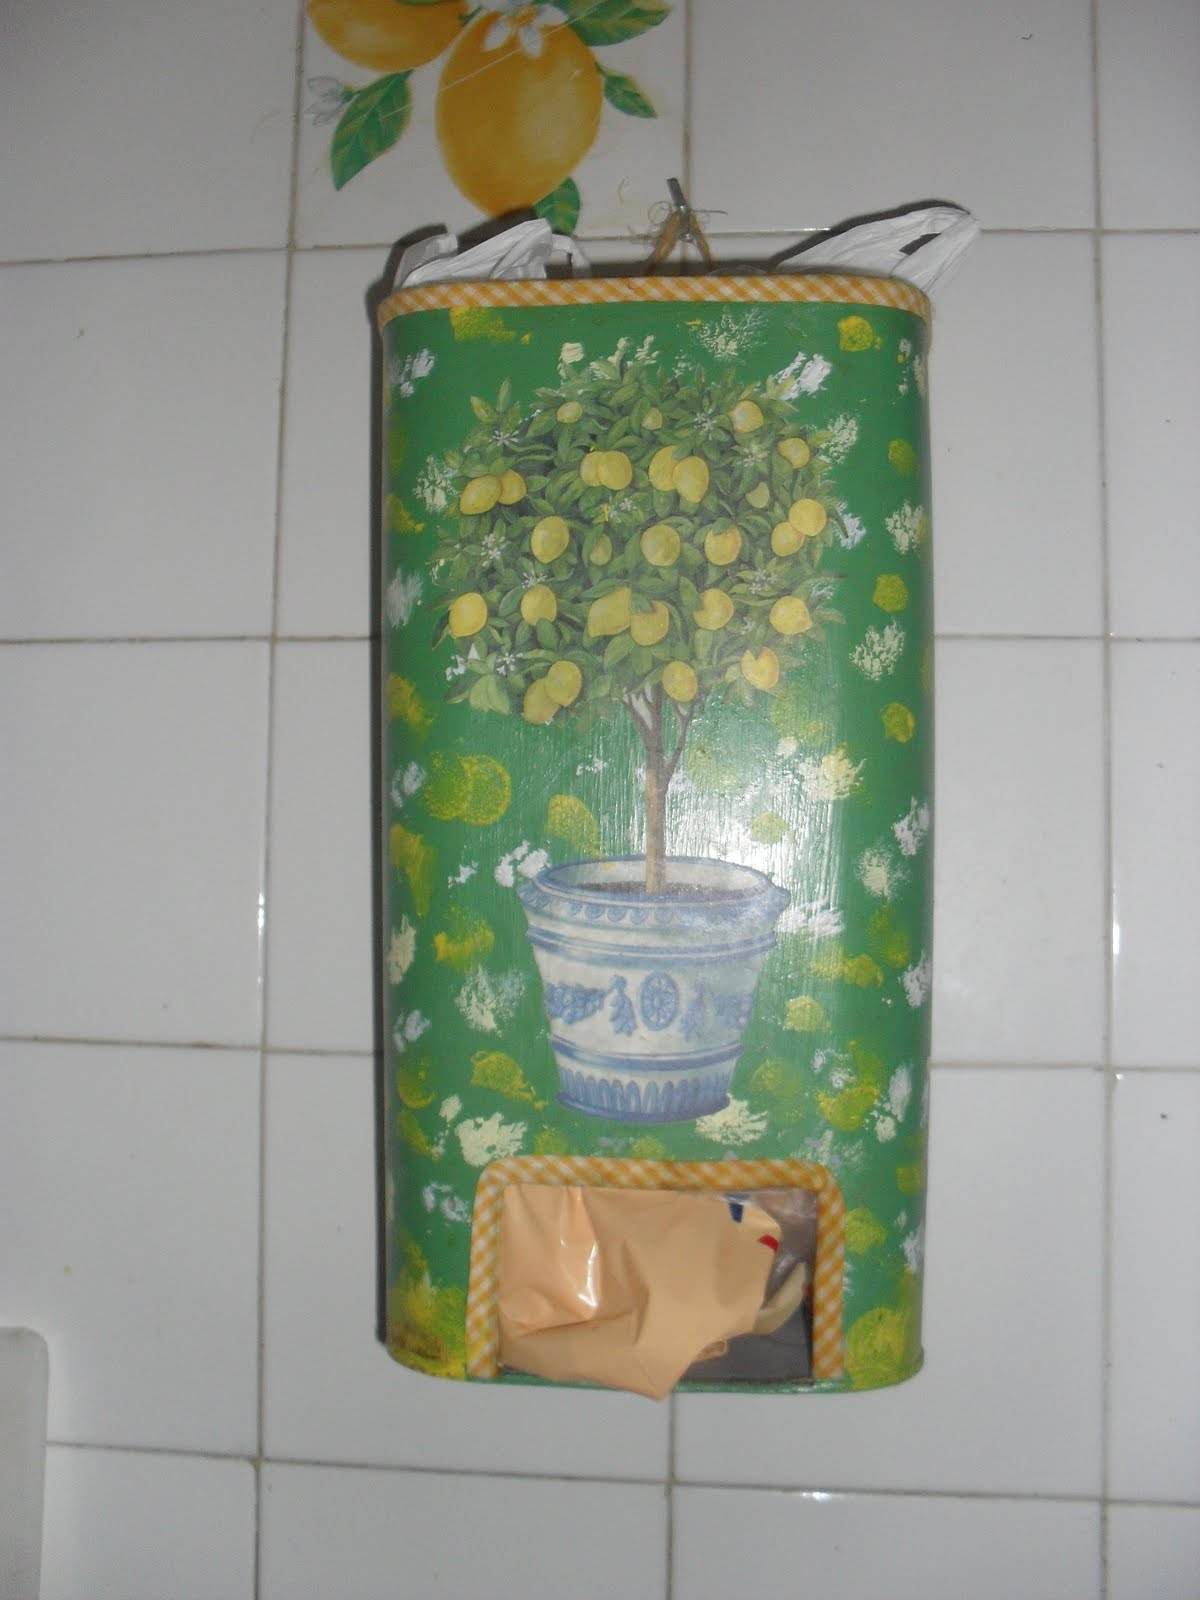 Reciclaje manualidades dispensador de bolsas - Dispensador bolsas plastico ...